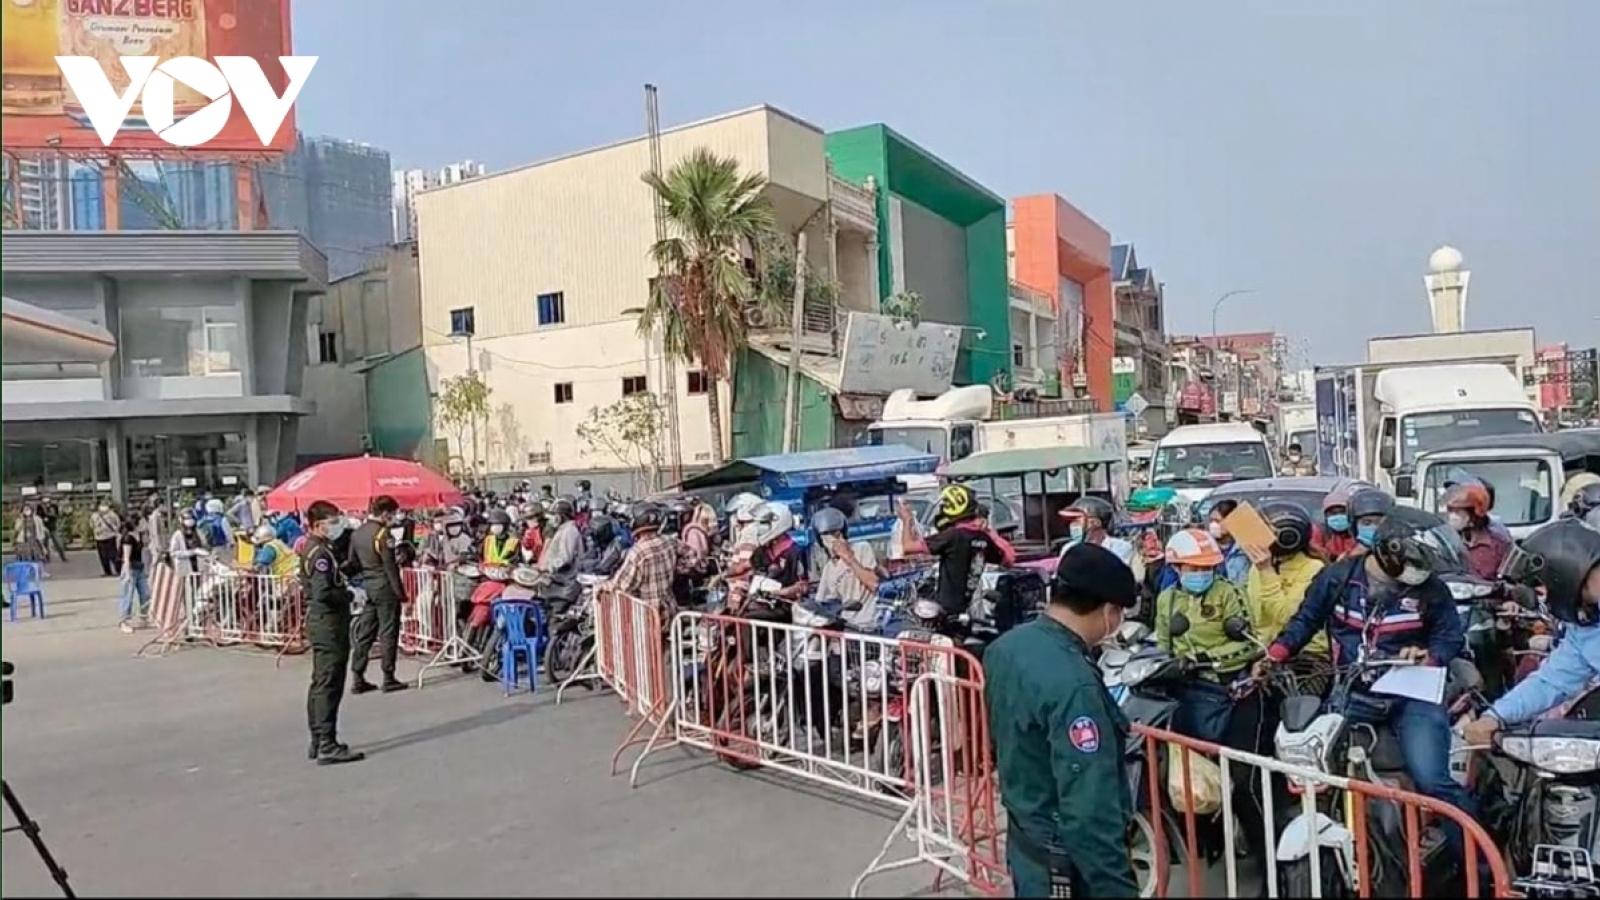 Thủ tướng Campuchia công bố dỡ lệnh phong tỏa thủ đô Phnom Penh